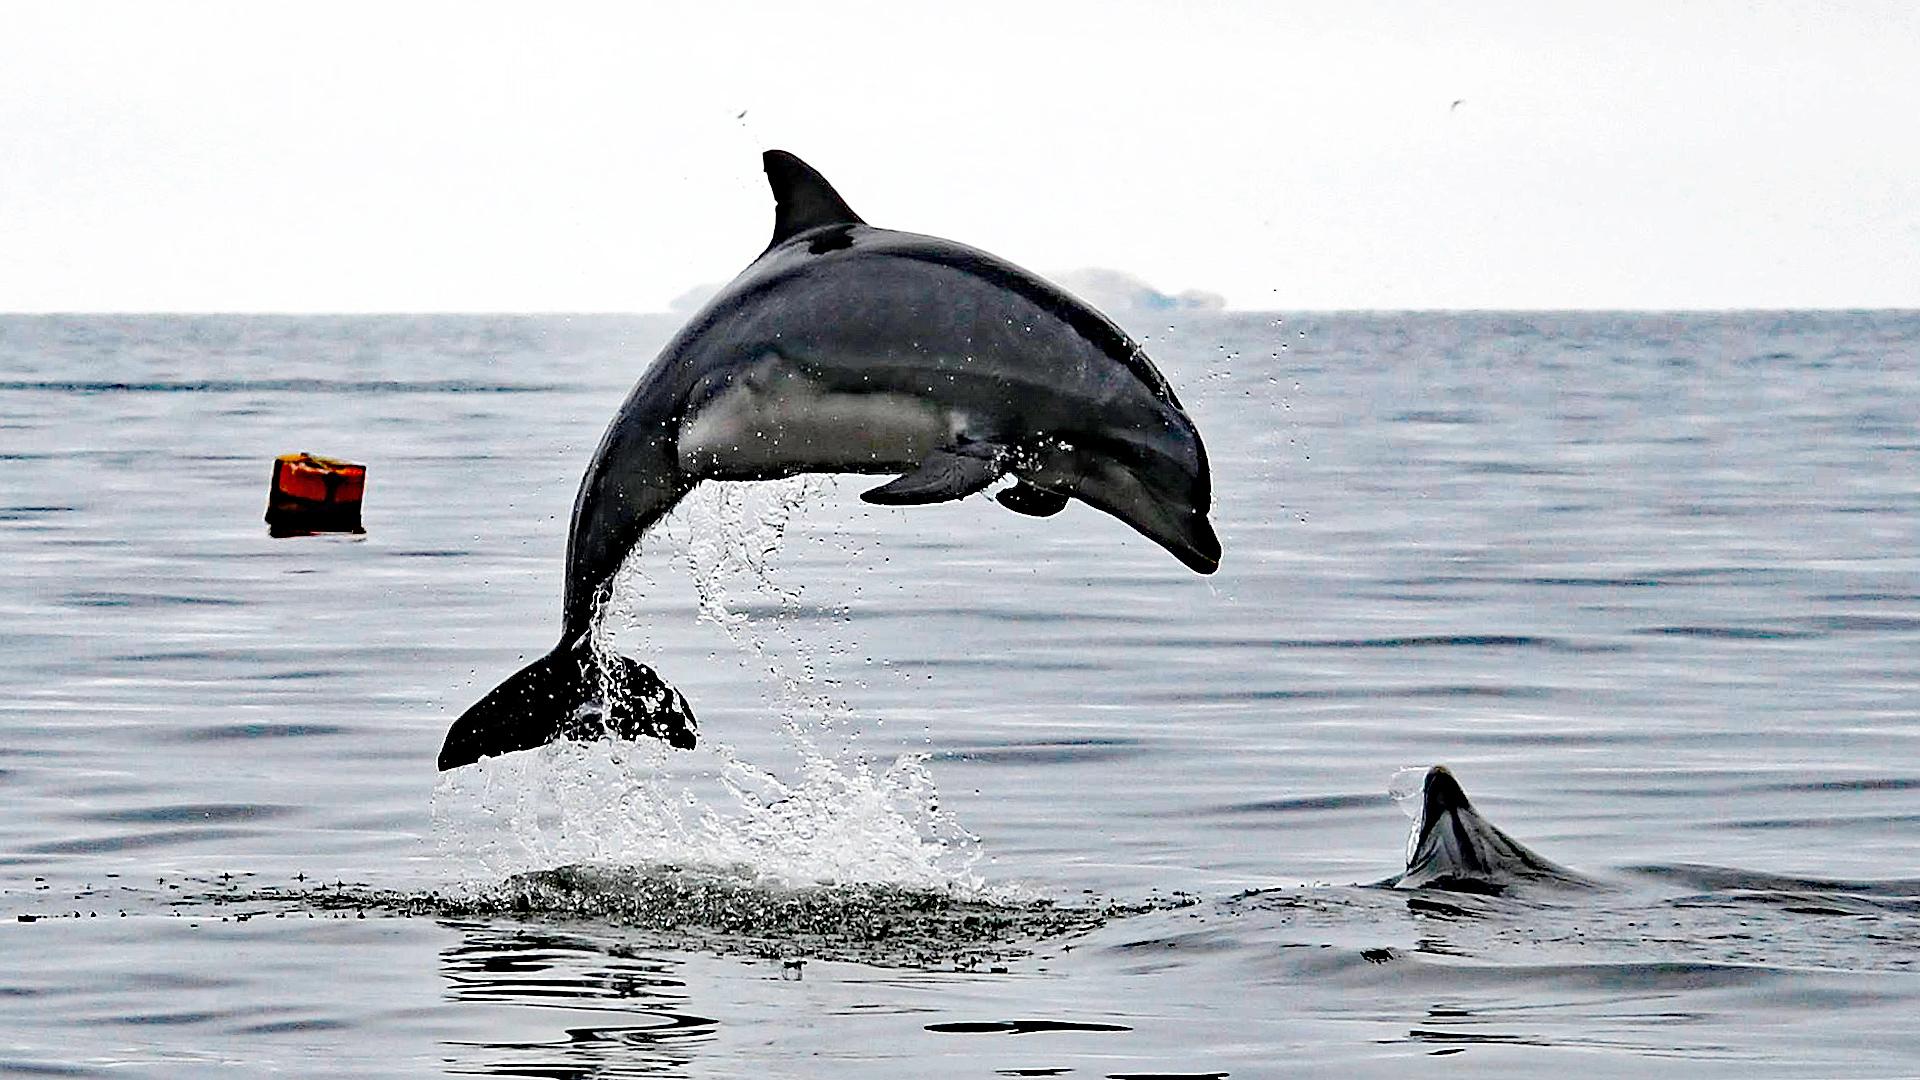 Delfinschutzprojekt Peru: Große Tümmler in der Paracas-Bucht.